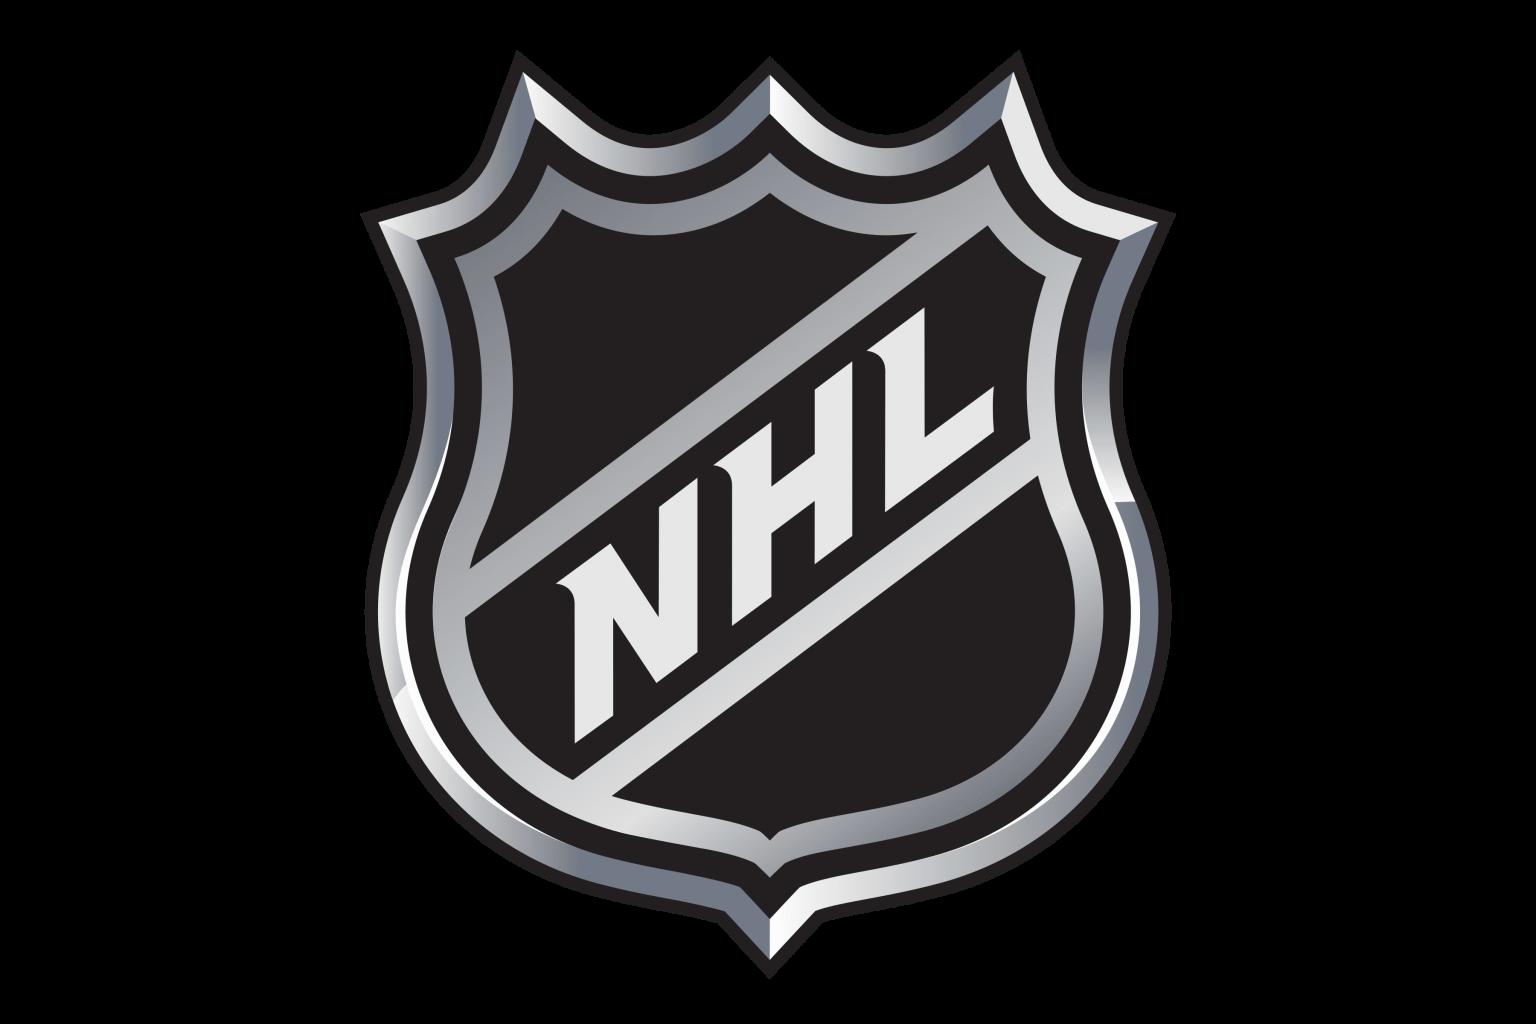 NHL image